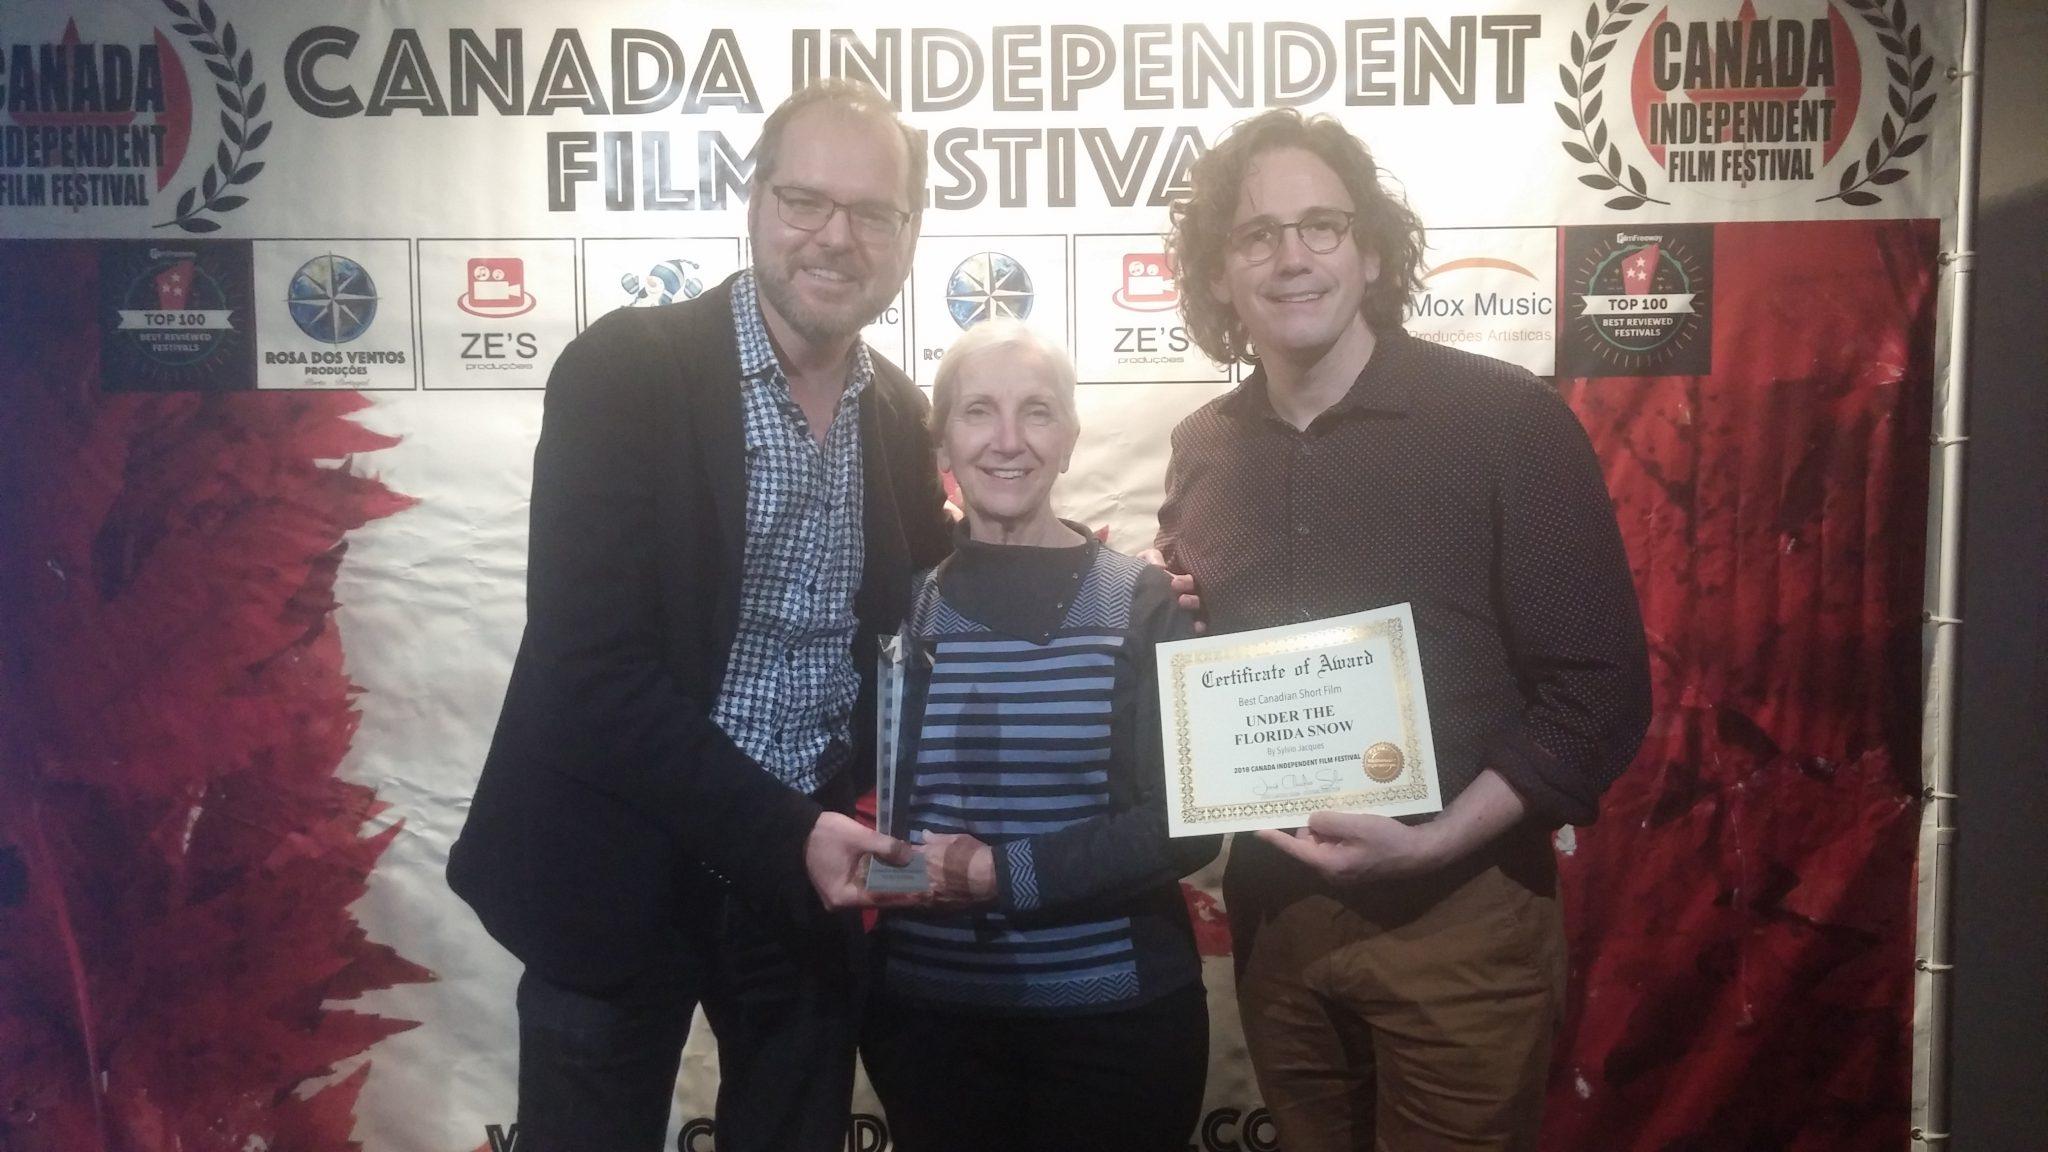 « Sous la neige de la Floride » remporte le prix du meilleur court métrage canadien au Canada Independent Film Festival.